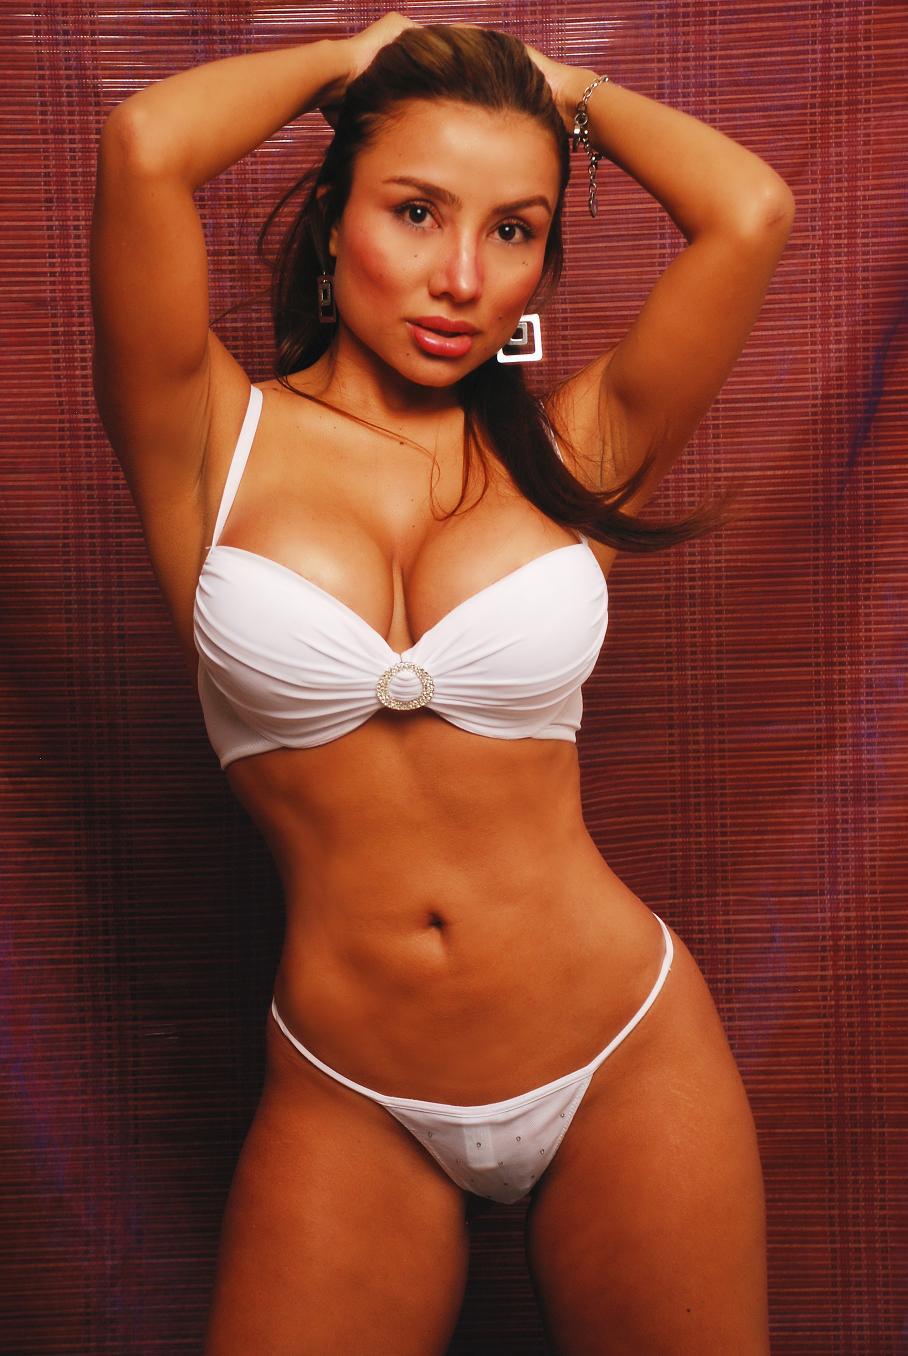 Pin modelos colombianas en ropa interior transparente for Modelos en ropa interior